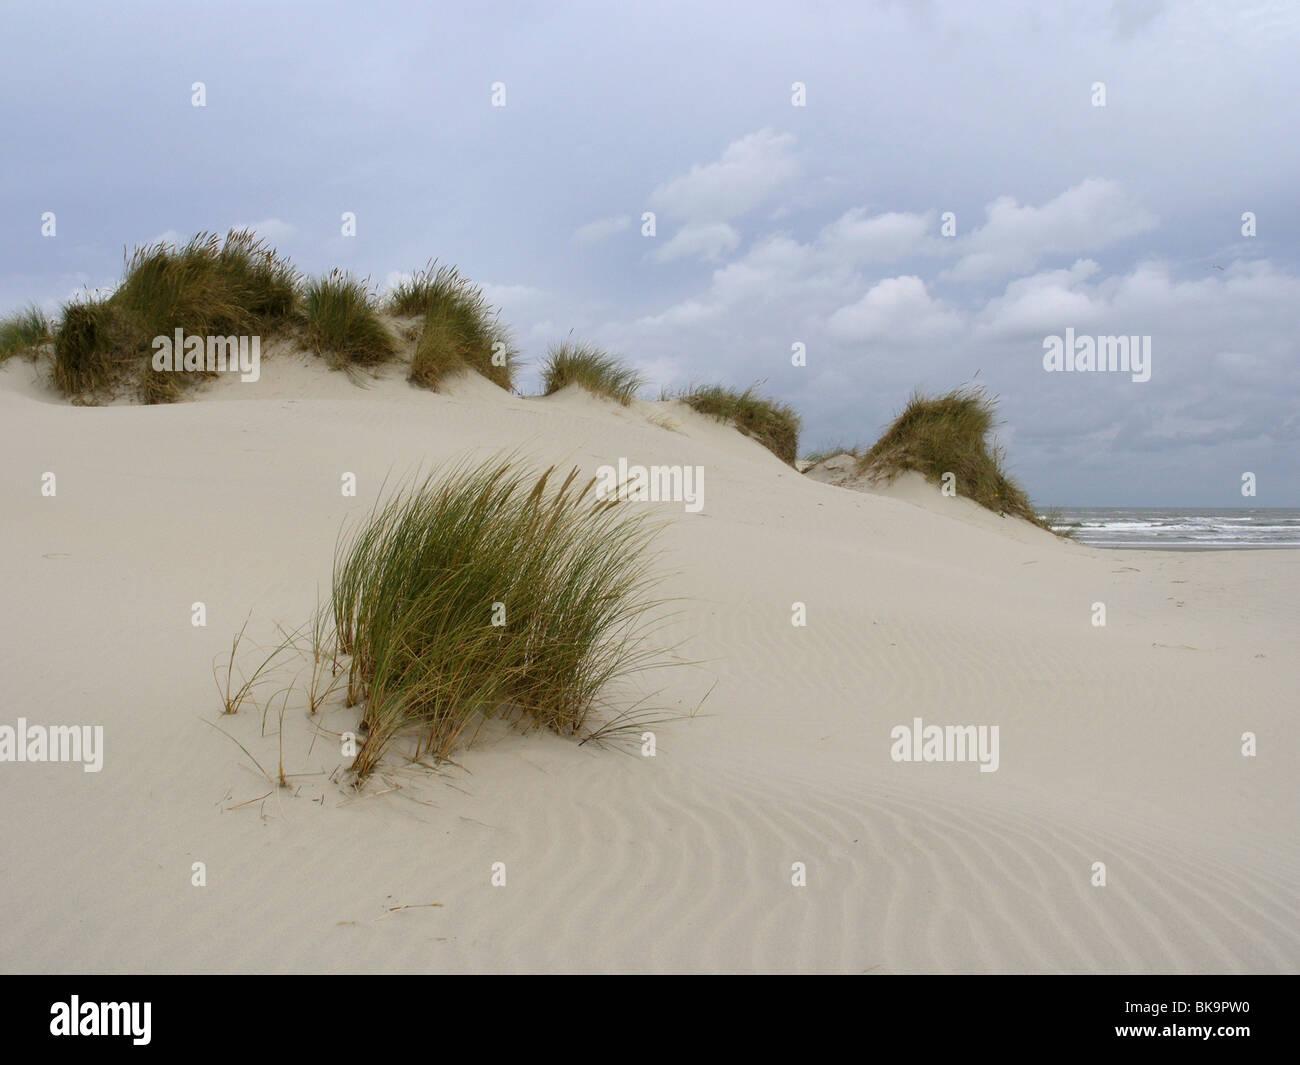 De duinen van Ameland bij naderend slecht weer. Stock Photo